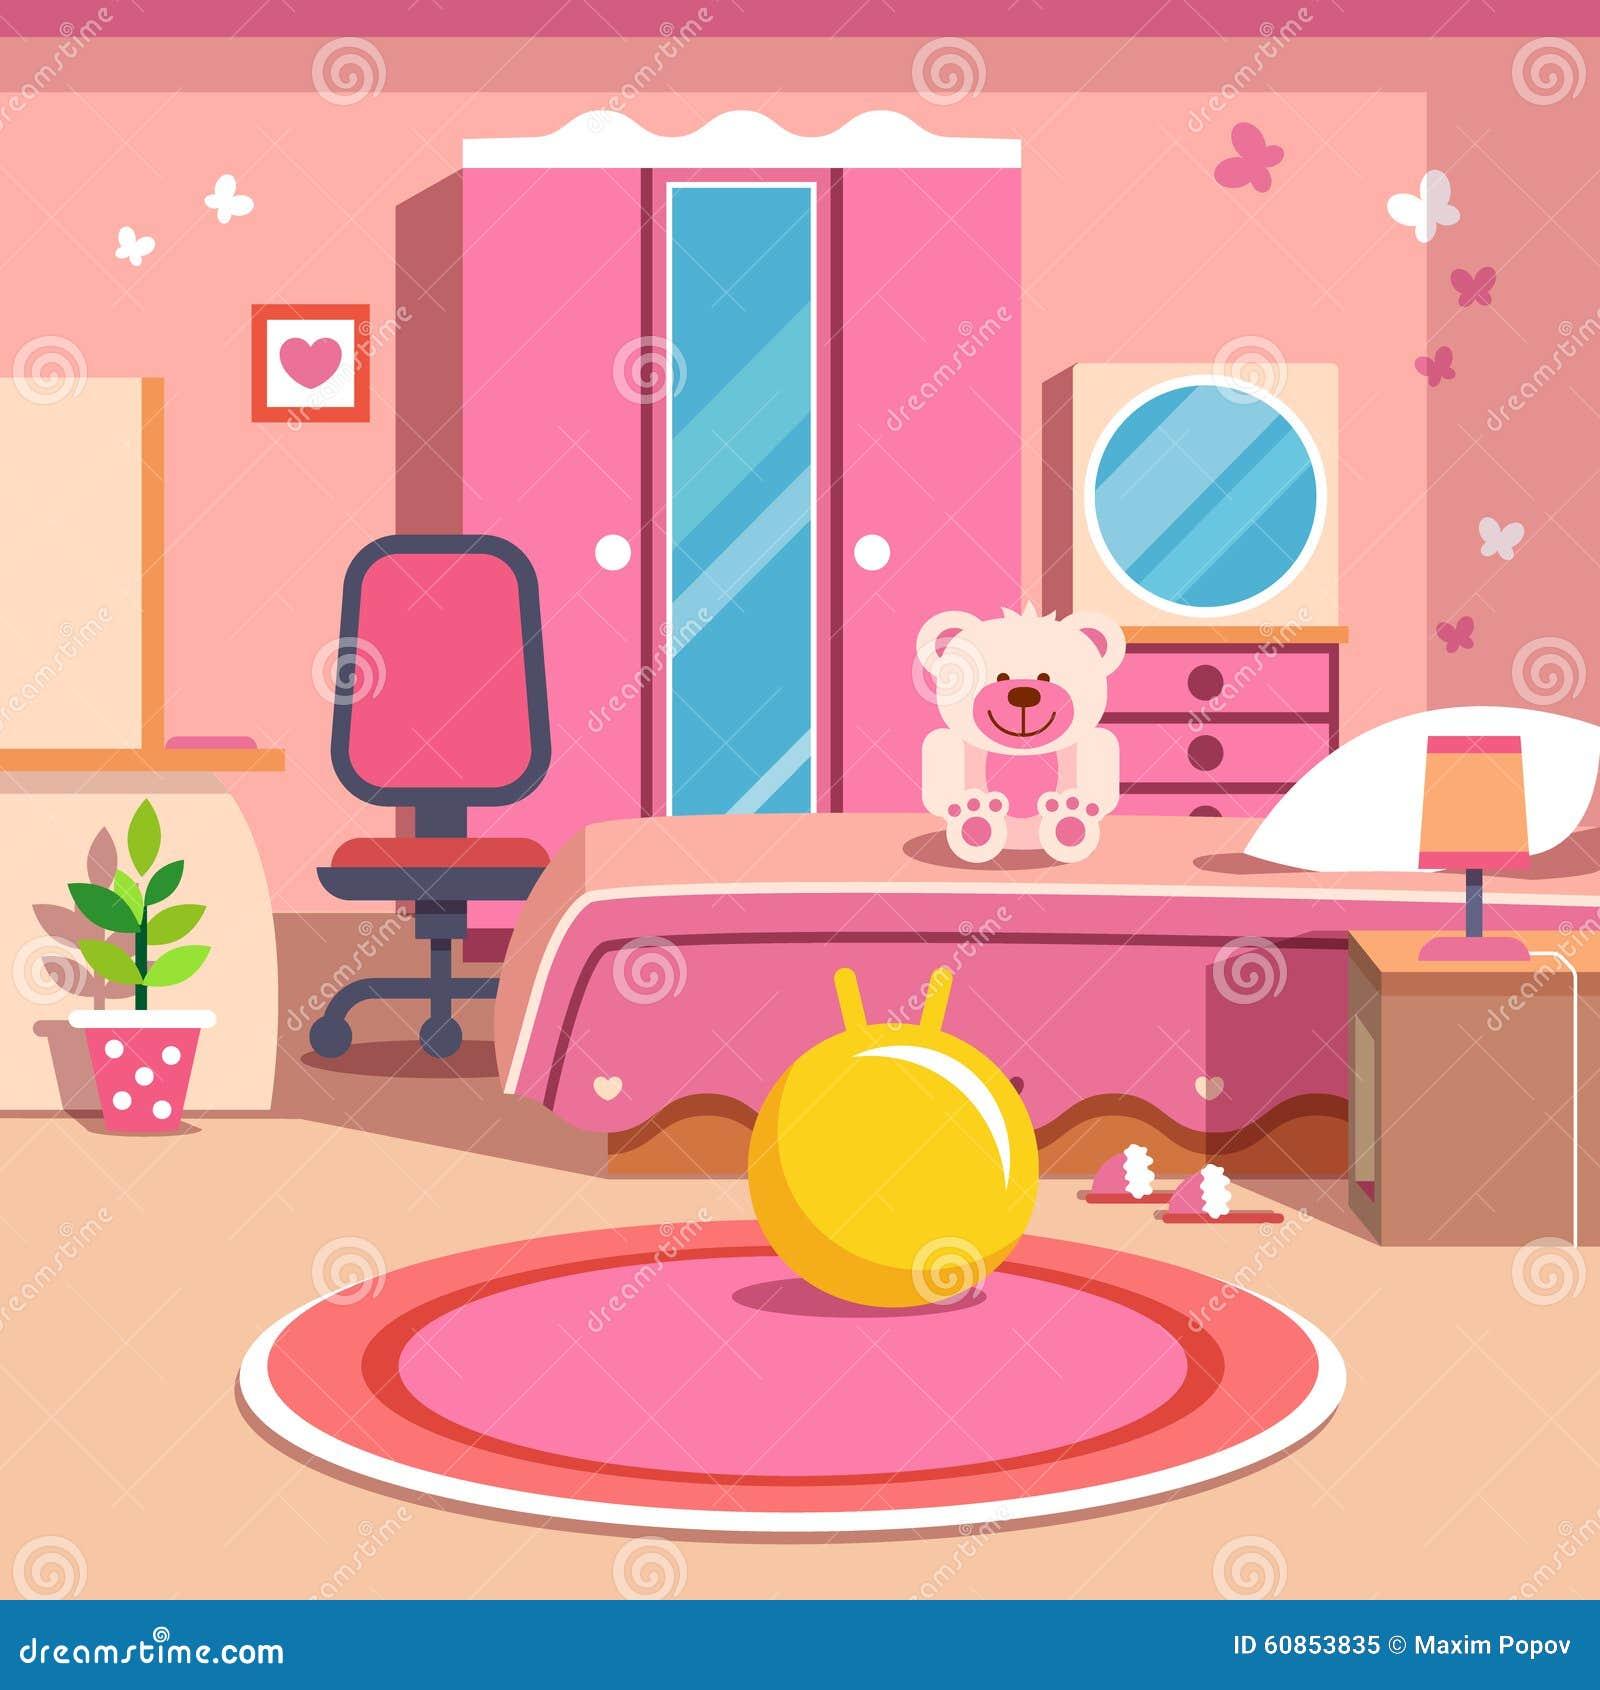 Bedroom Design Cartoon